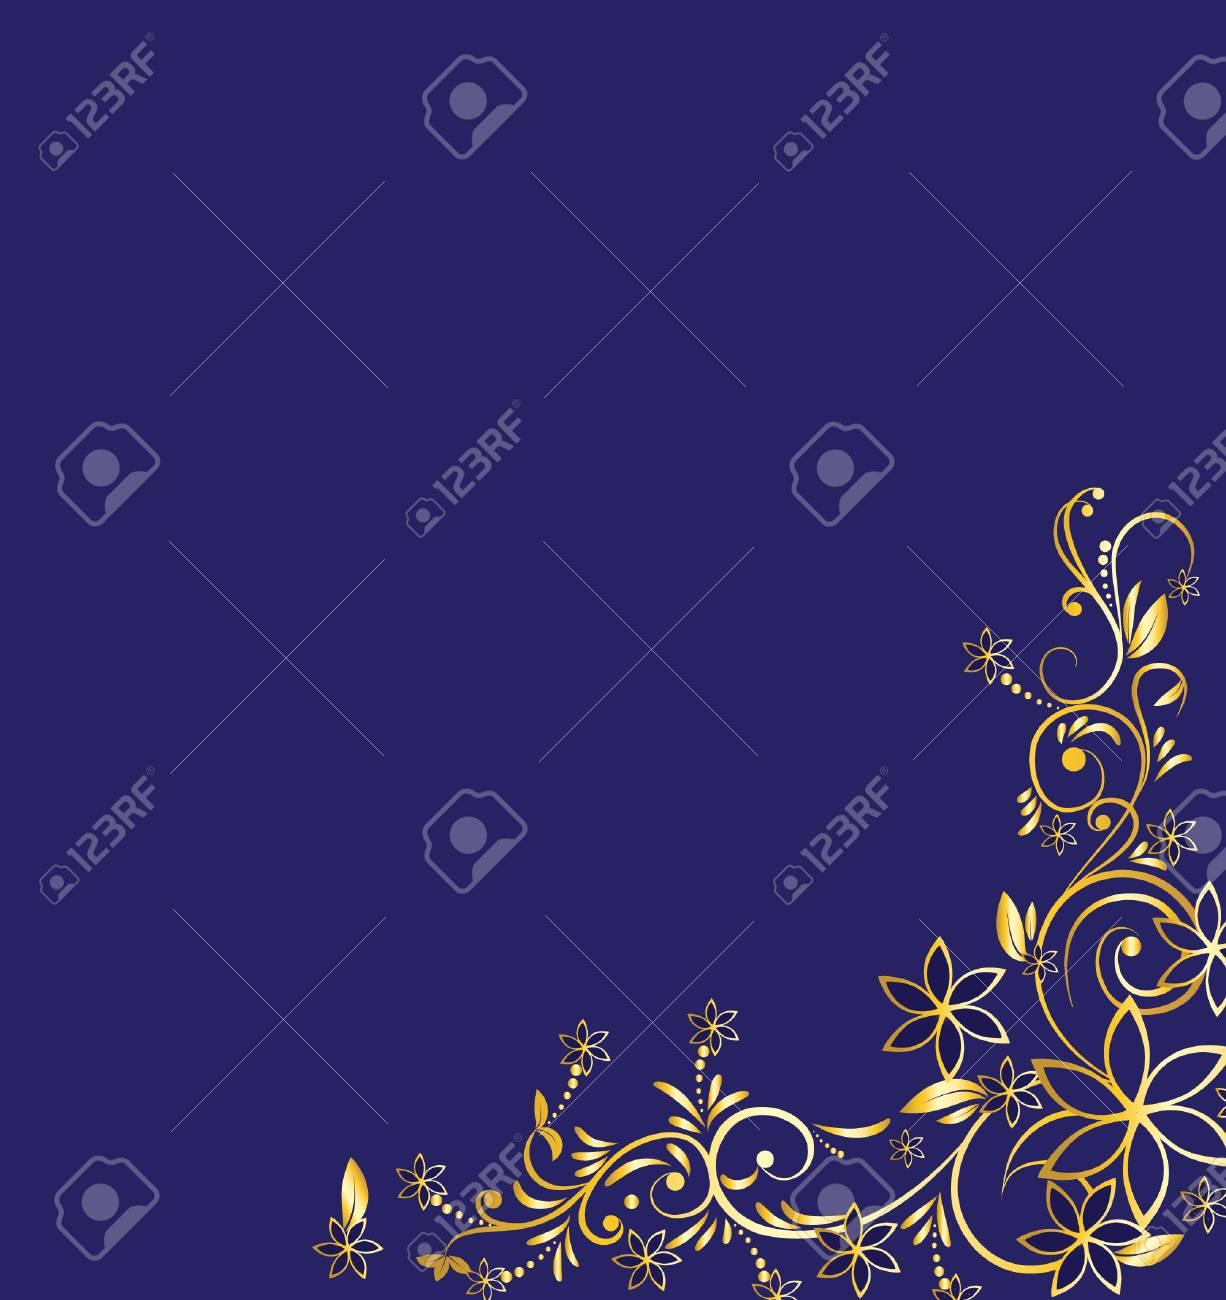 Floral design. illustration. Stock Vector - 7266398